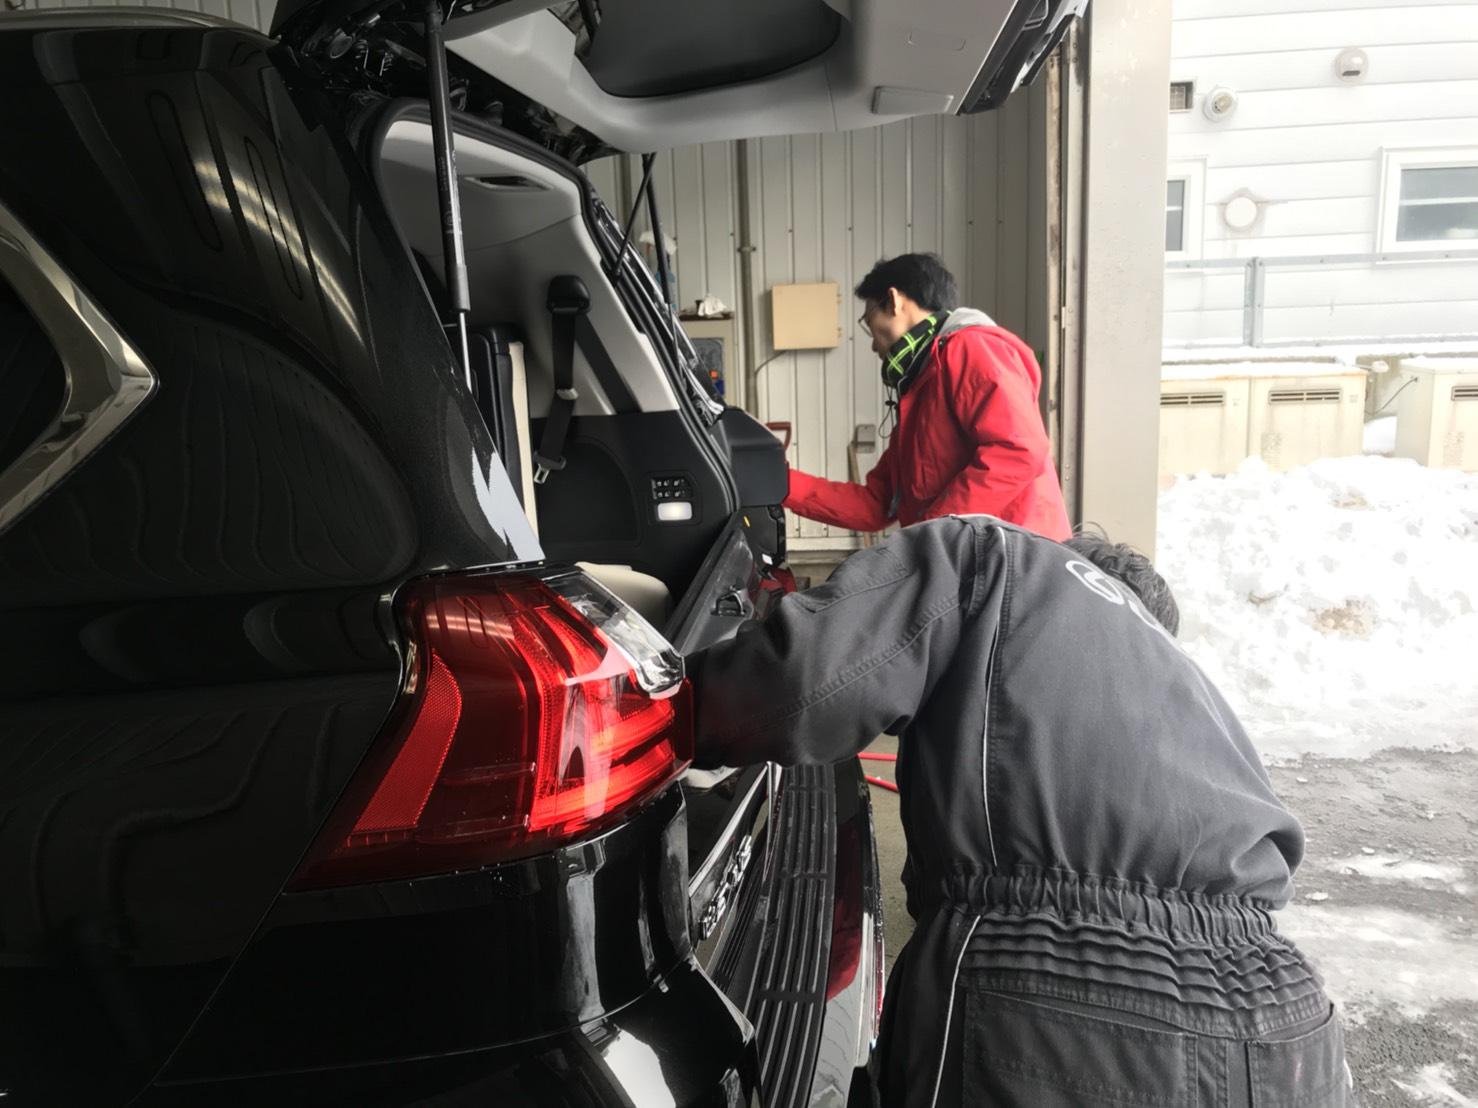 2月11日 日曜日のひとログヽ( 'ω' )ノ 本日、WさまLX570・Yさまハイエース納車!!_b0127002_17572724.jpg